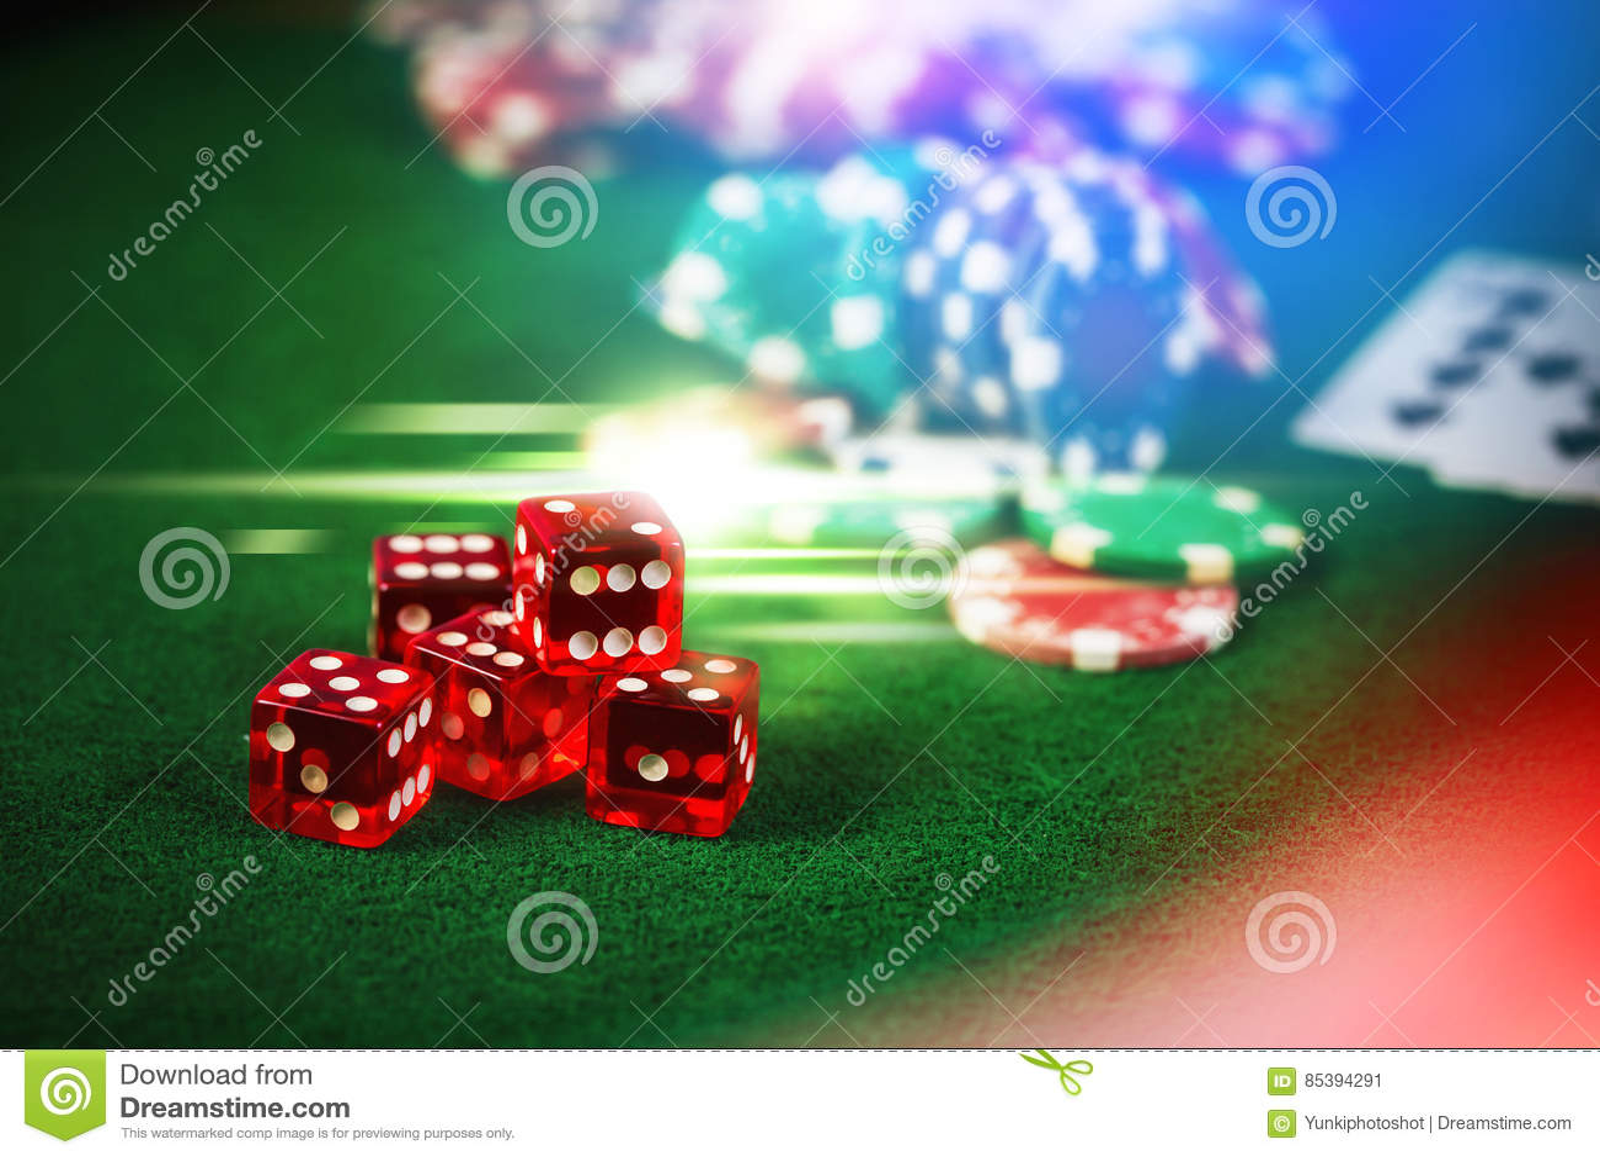 Скачать казино азартные игры 4.4 2 интернет казино москва